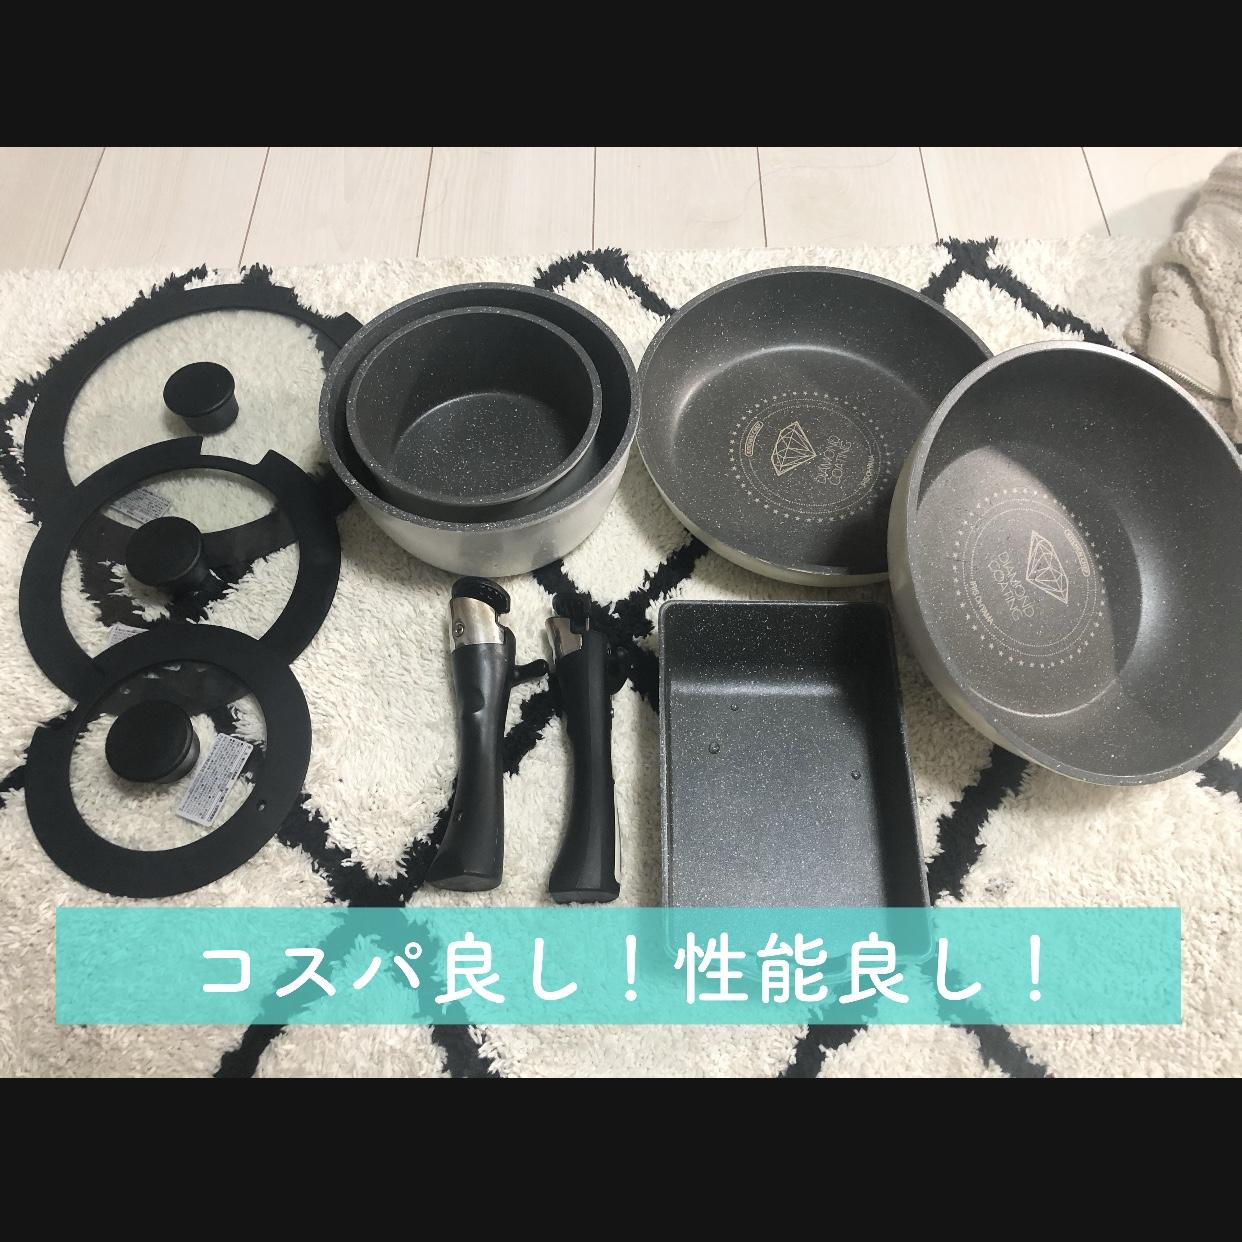 IRIS OHYAMA(アイリスオーヤマ)ダイヤモンドコートパン 12点セット  H-IS-SE12を使った こちゃさんの口コミ画像1